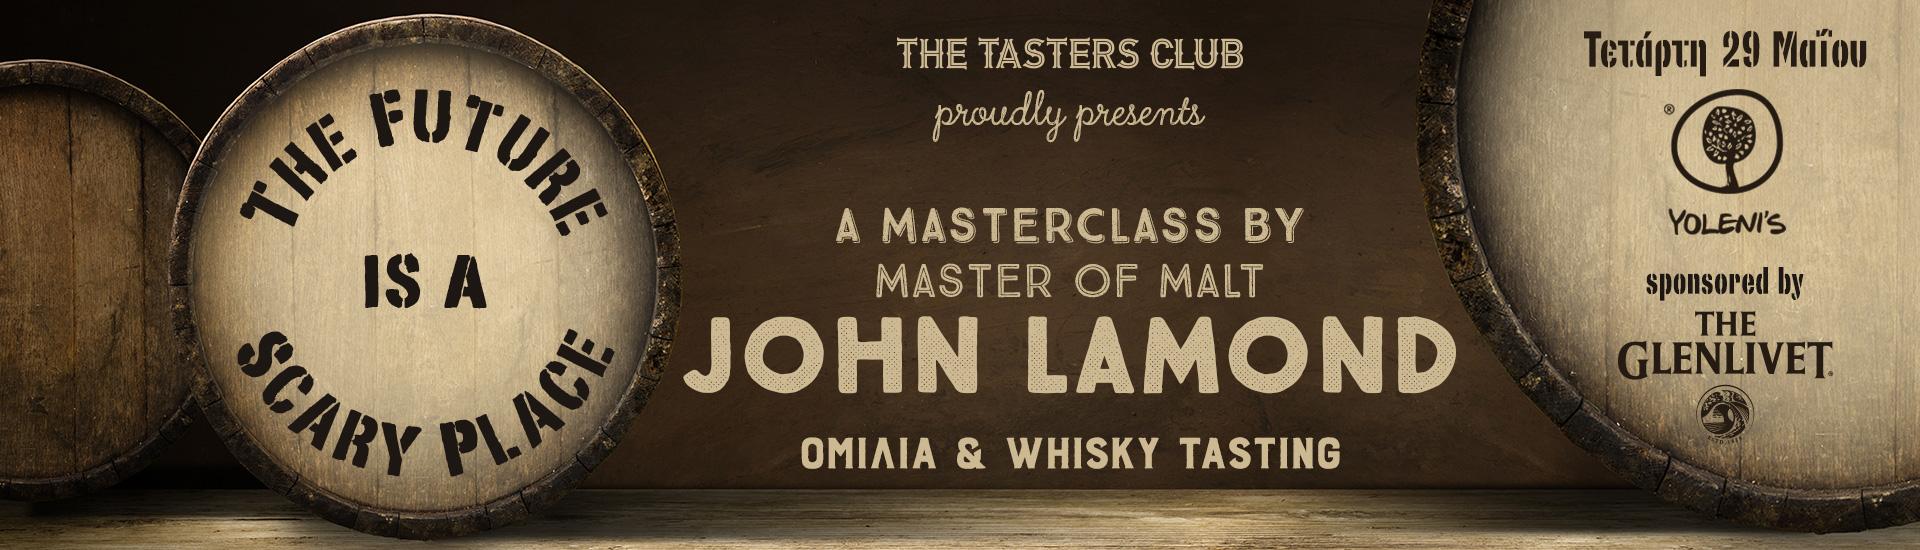 the tasters club John Lamond masterclass